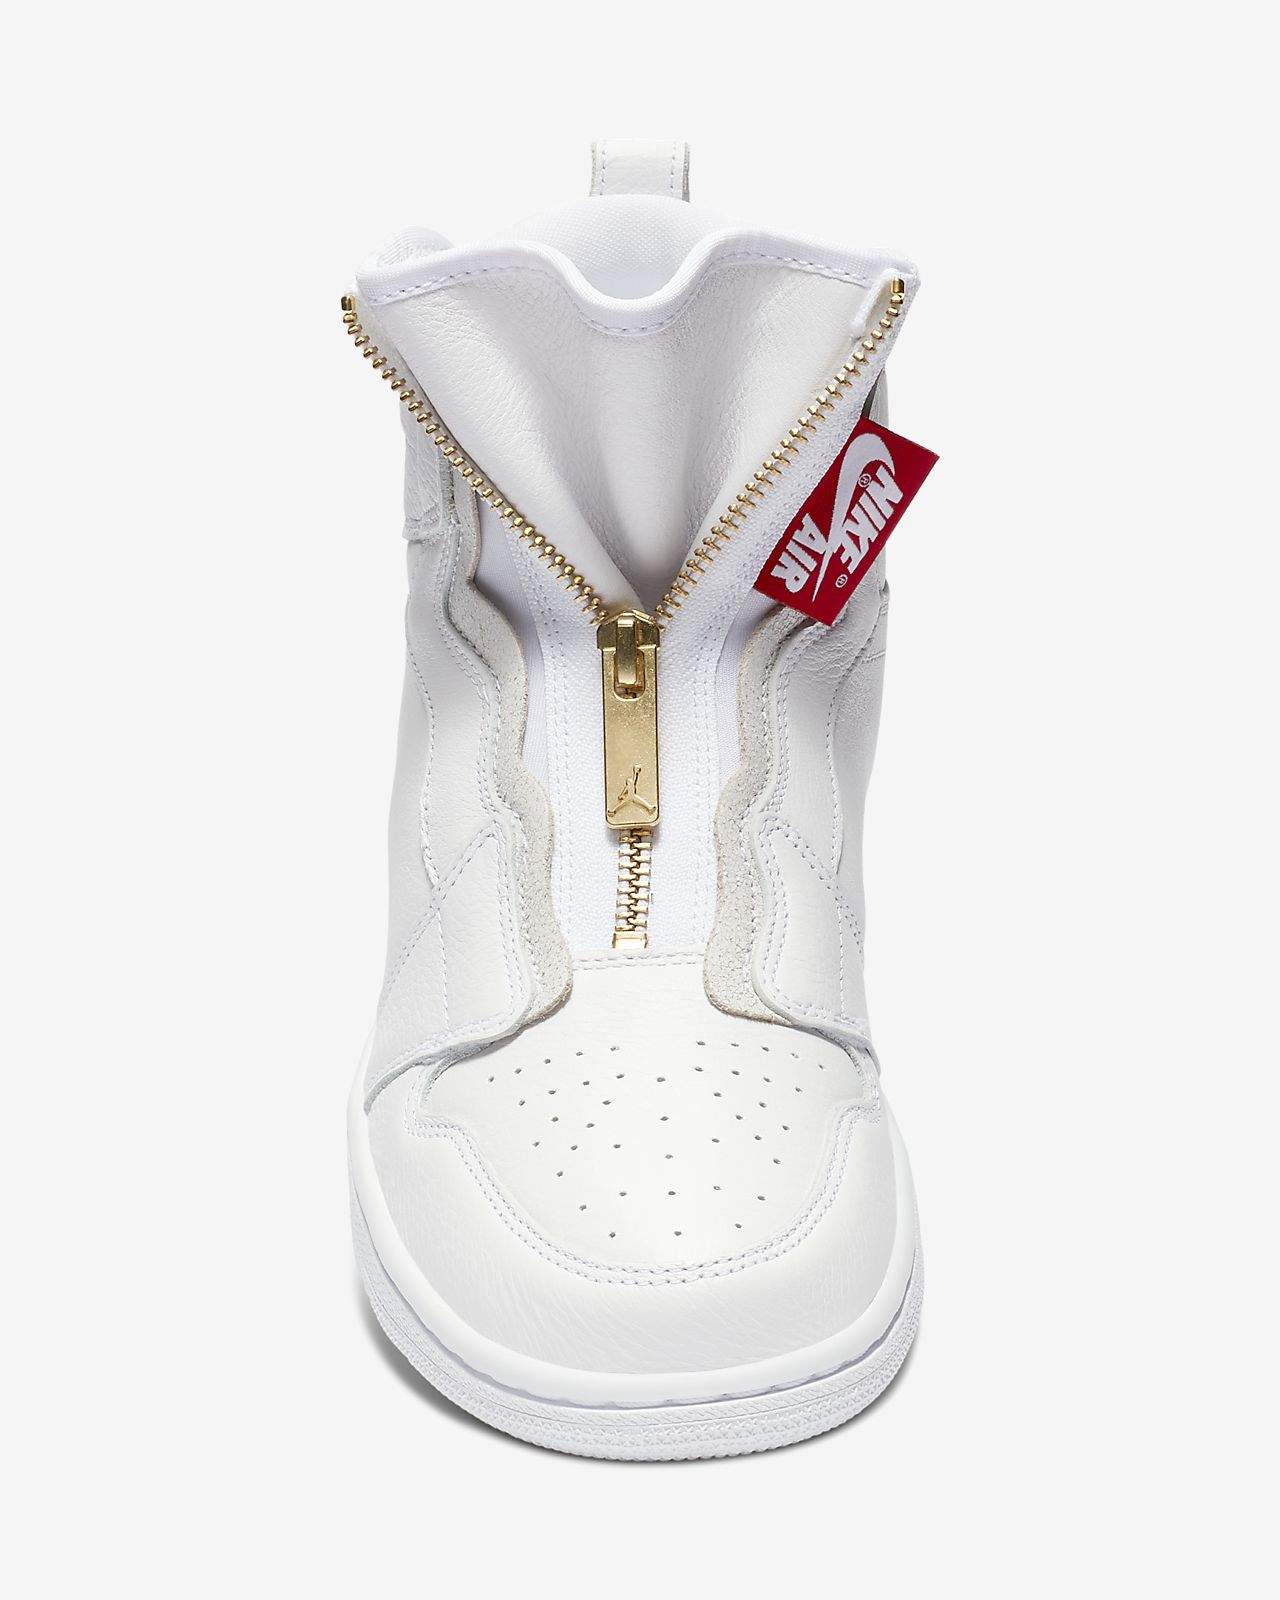 online retailer cd54f 82bc3 Air Jordan 1 High Zip Women's Shoe. Nike.com